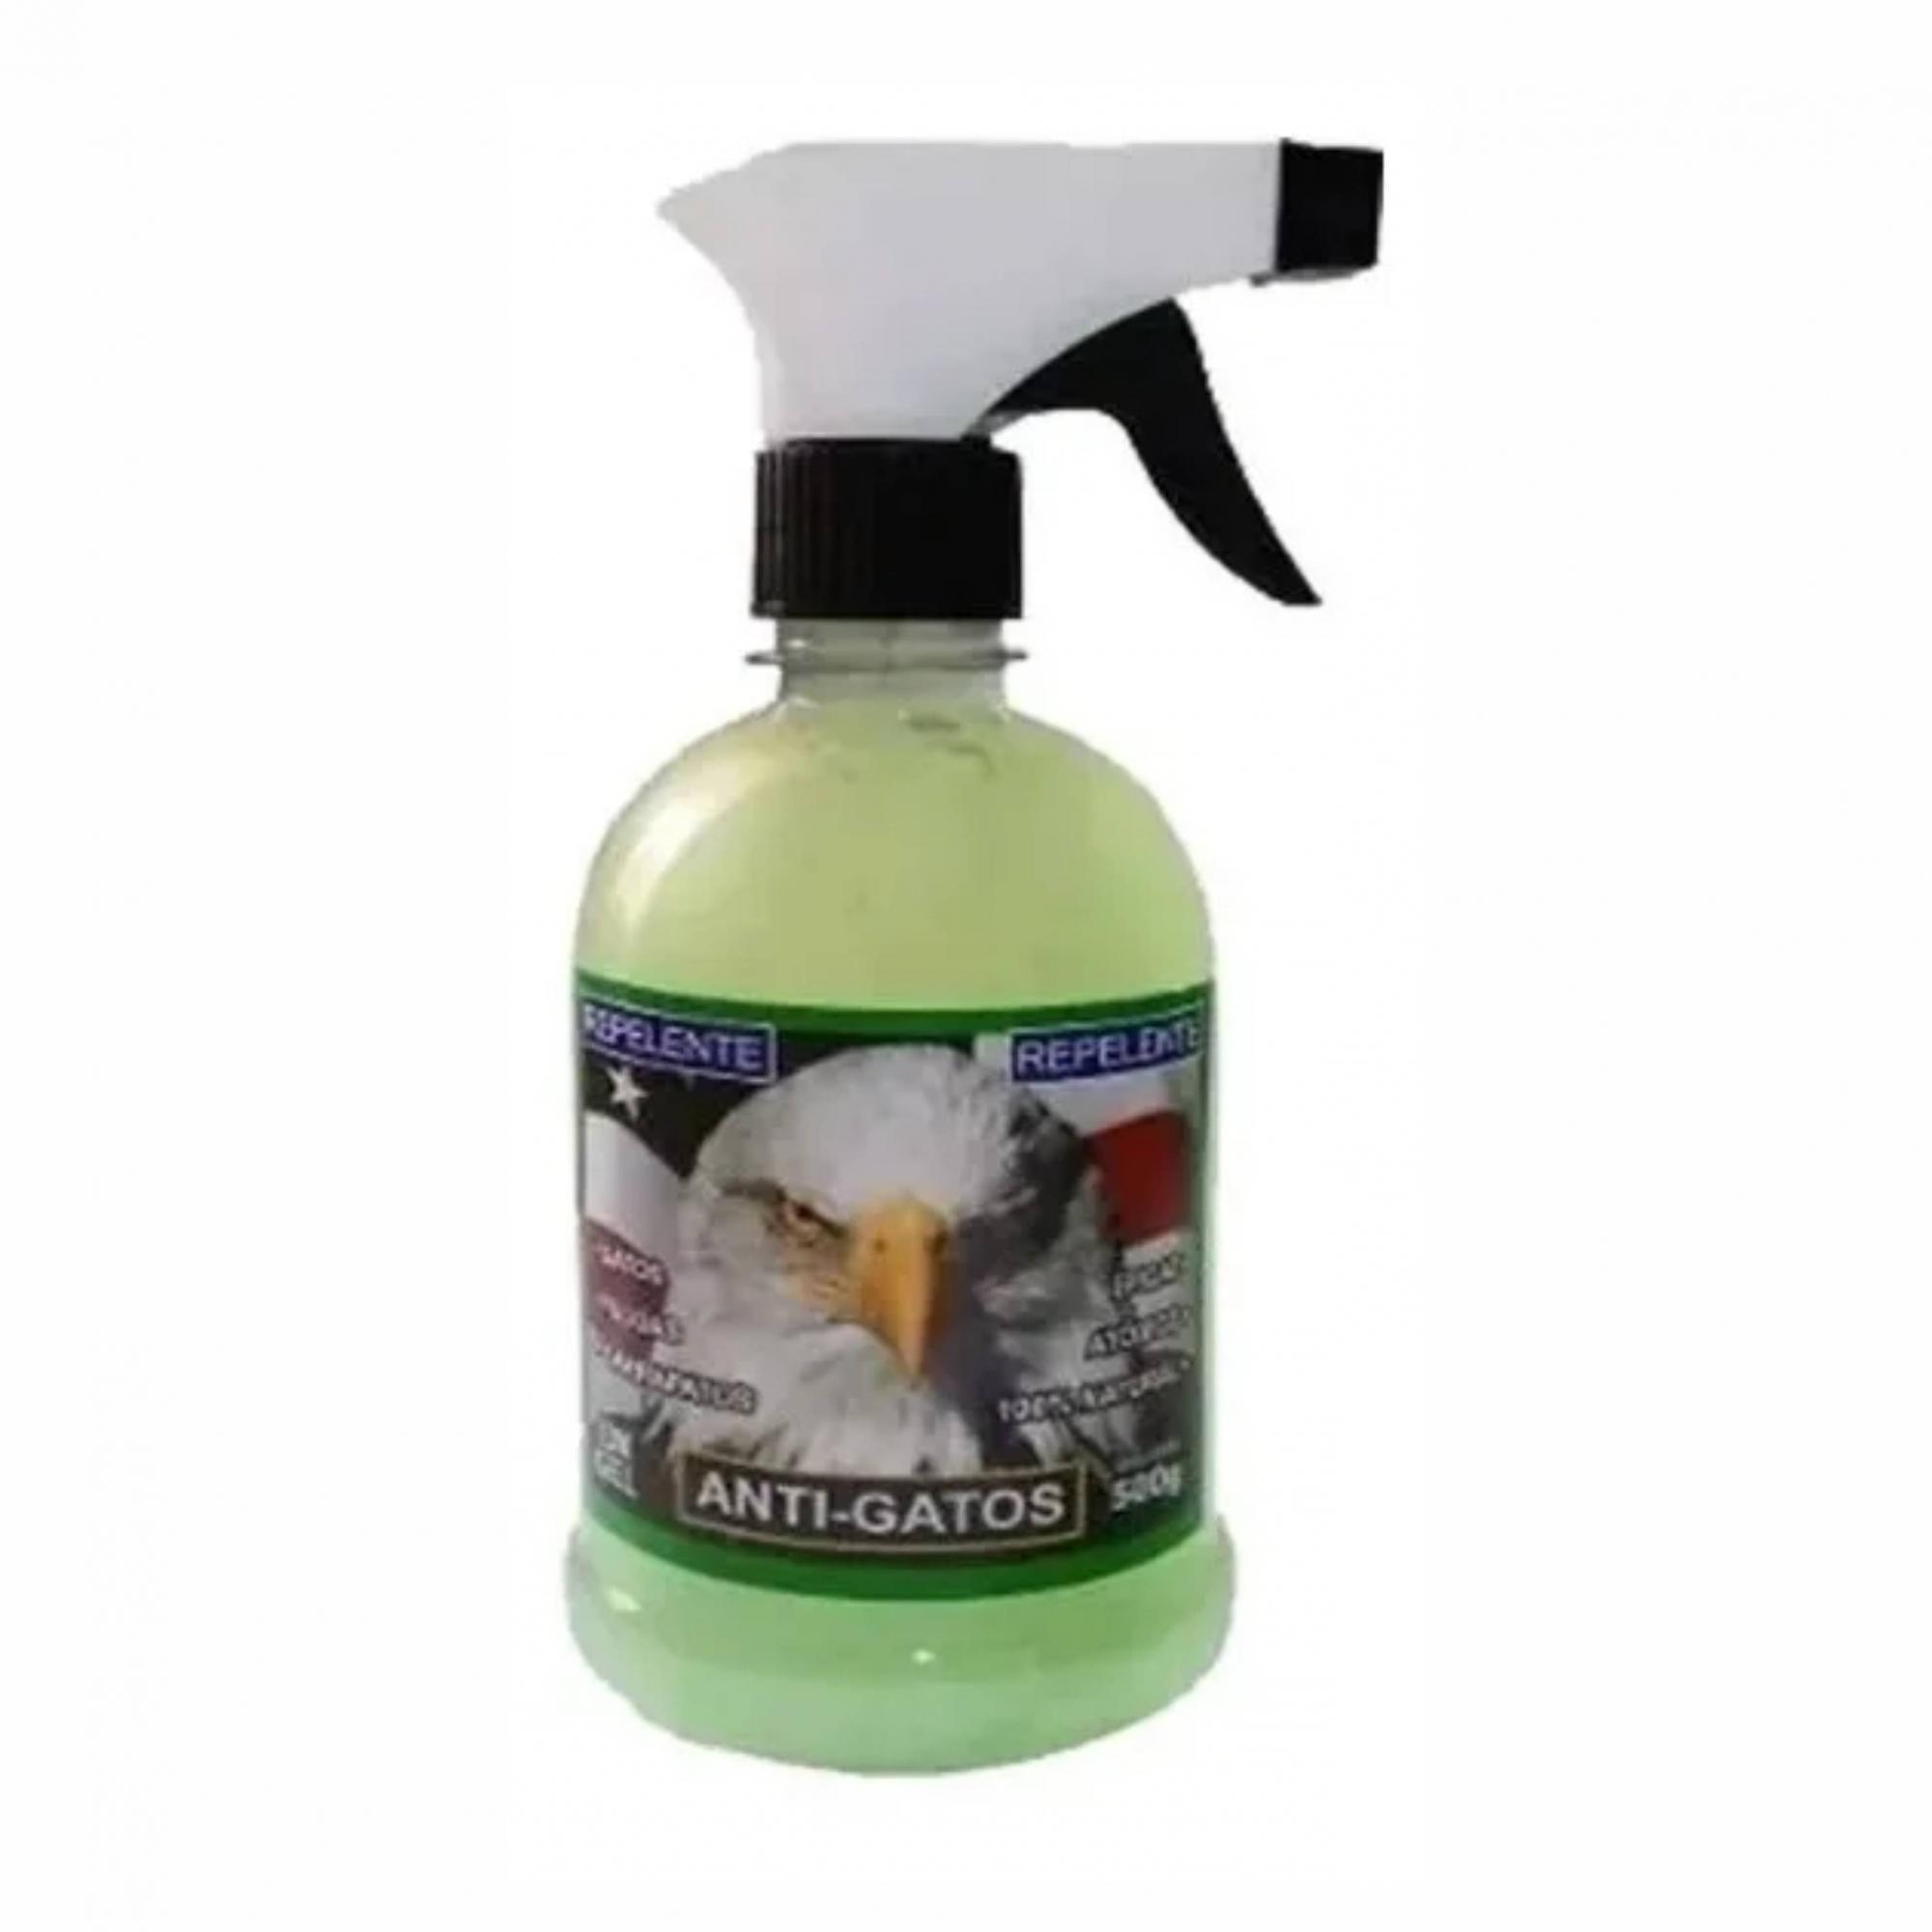 Repelente Sanitário Afasta Gatos 500g (Arranha Sofá)